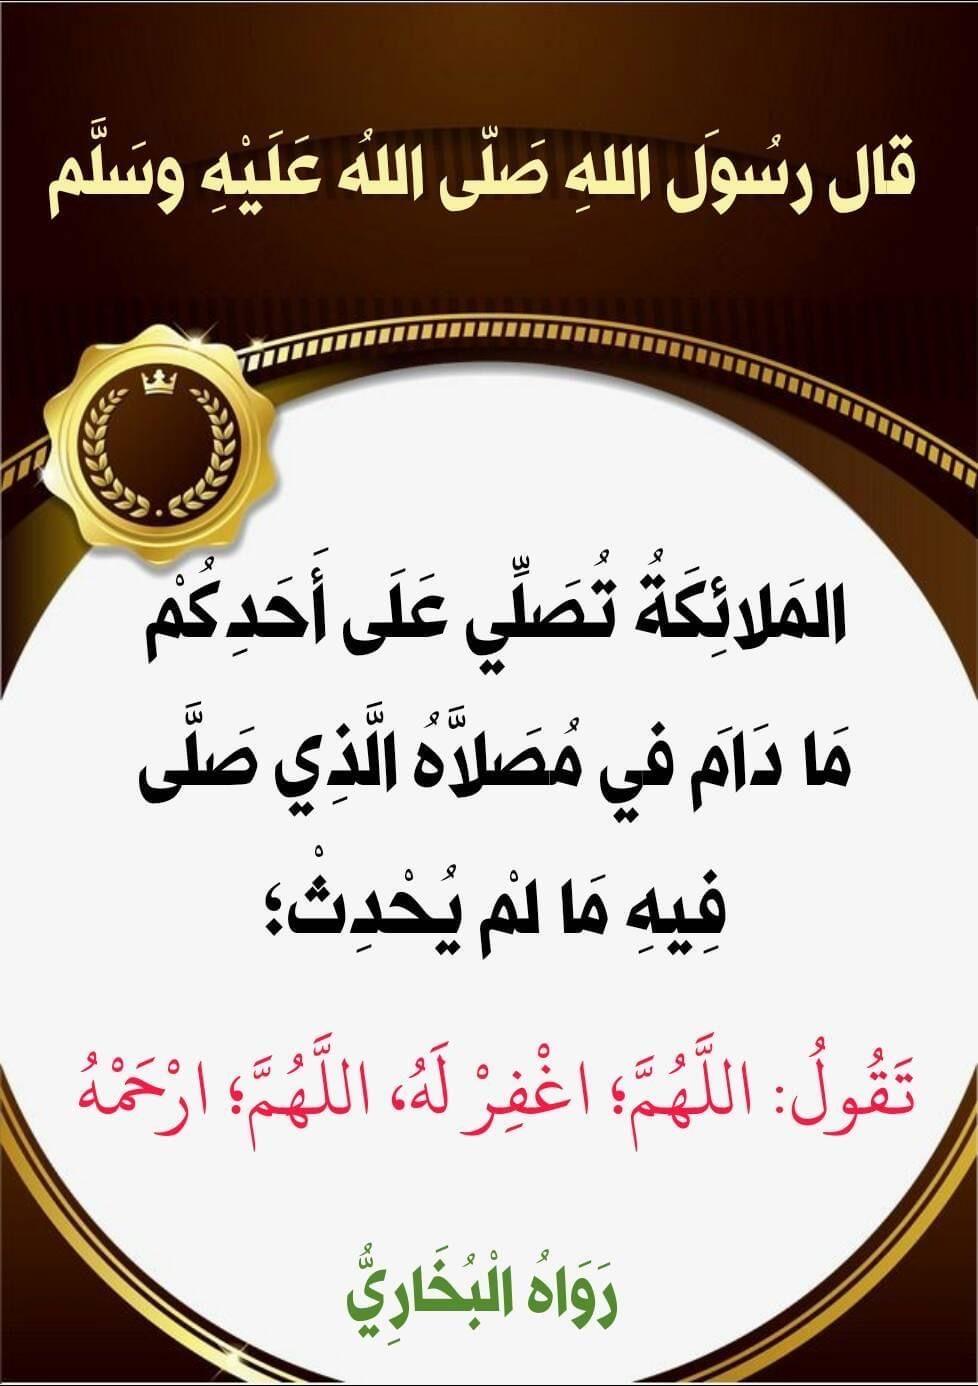 Pin By الأثر الجميل On أحاديث نبوية Salaah Hadeeth Arabic